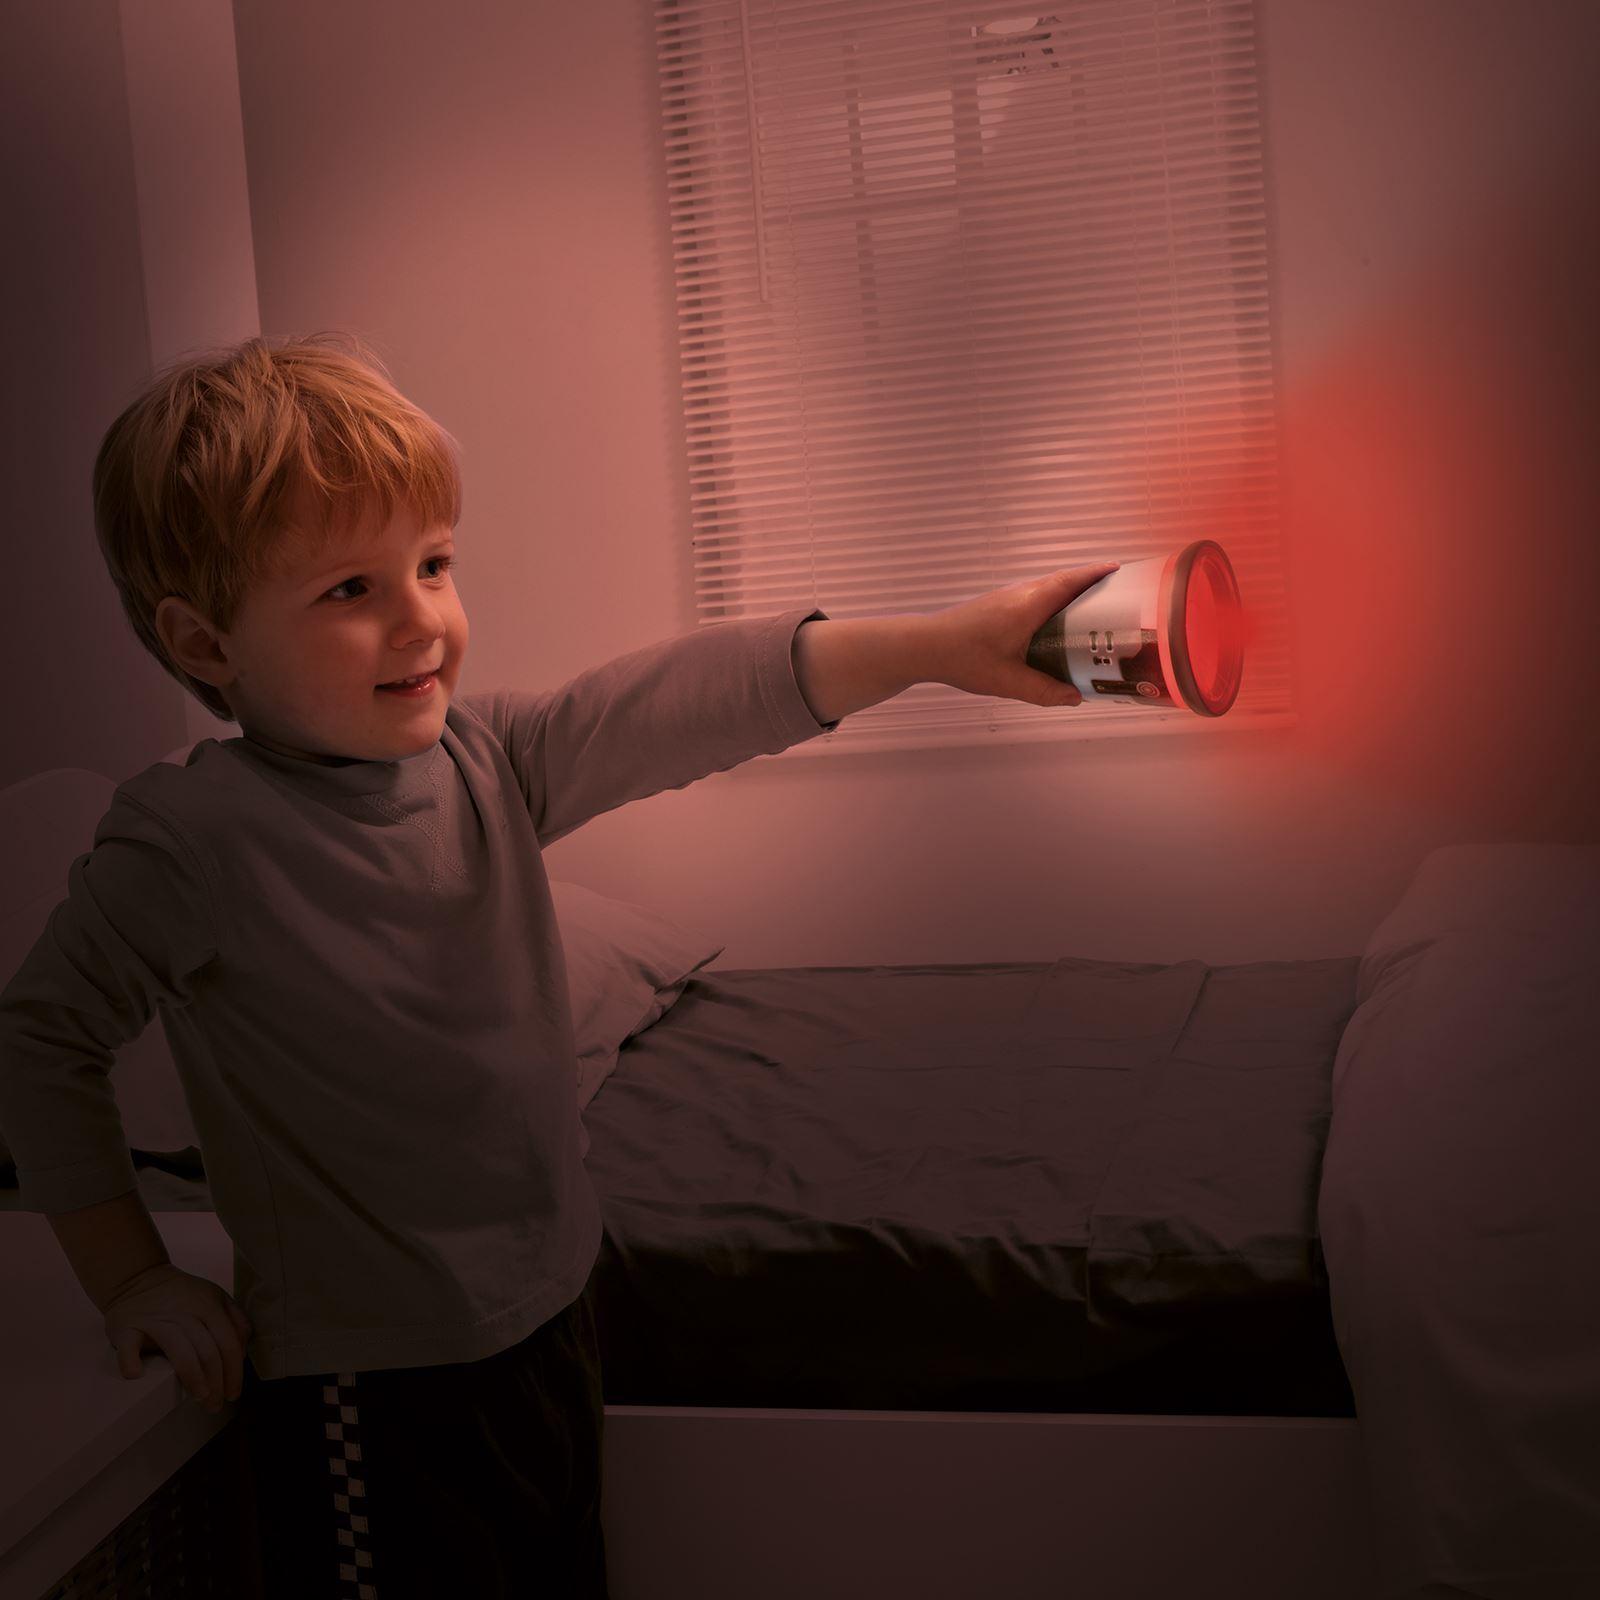 Indexbild 80 - Go Glow Nacht Beam Kipp Torch Beleuchtung Licht Kinder Schlafzimmer